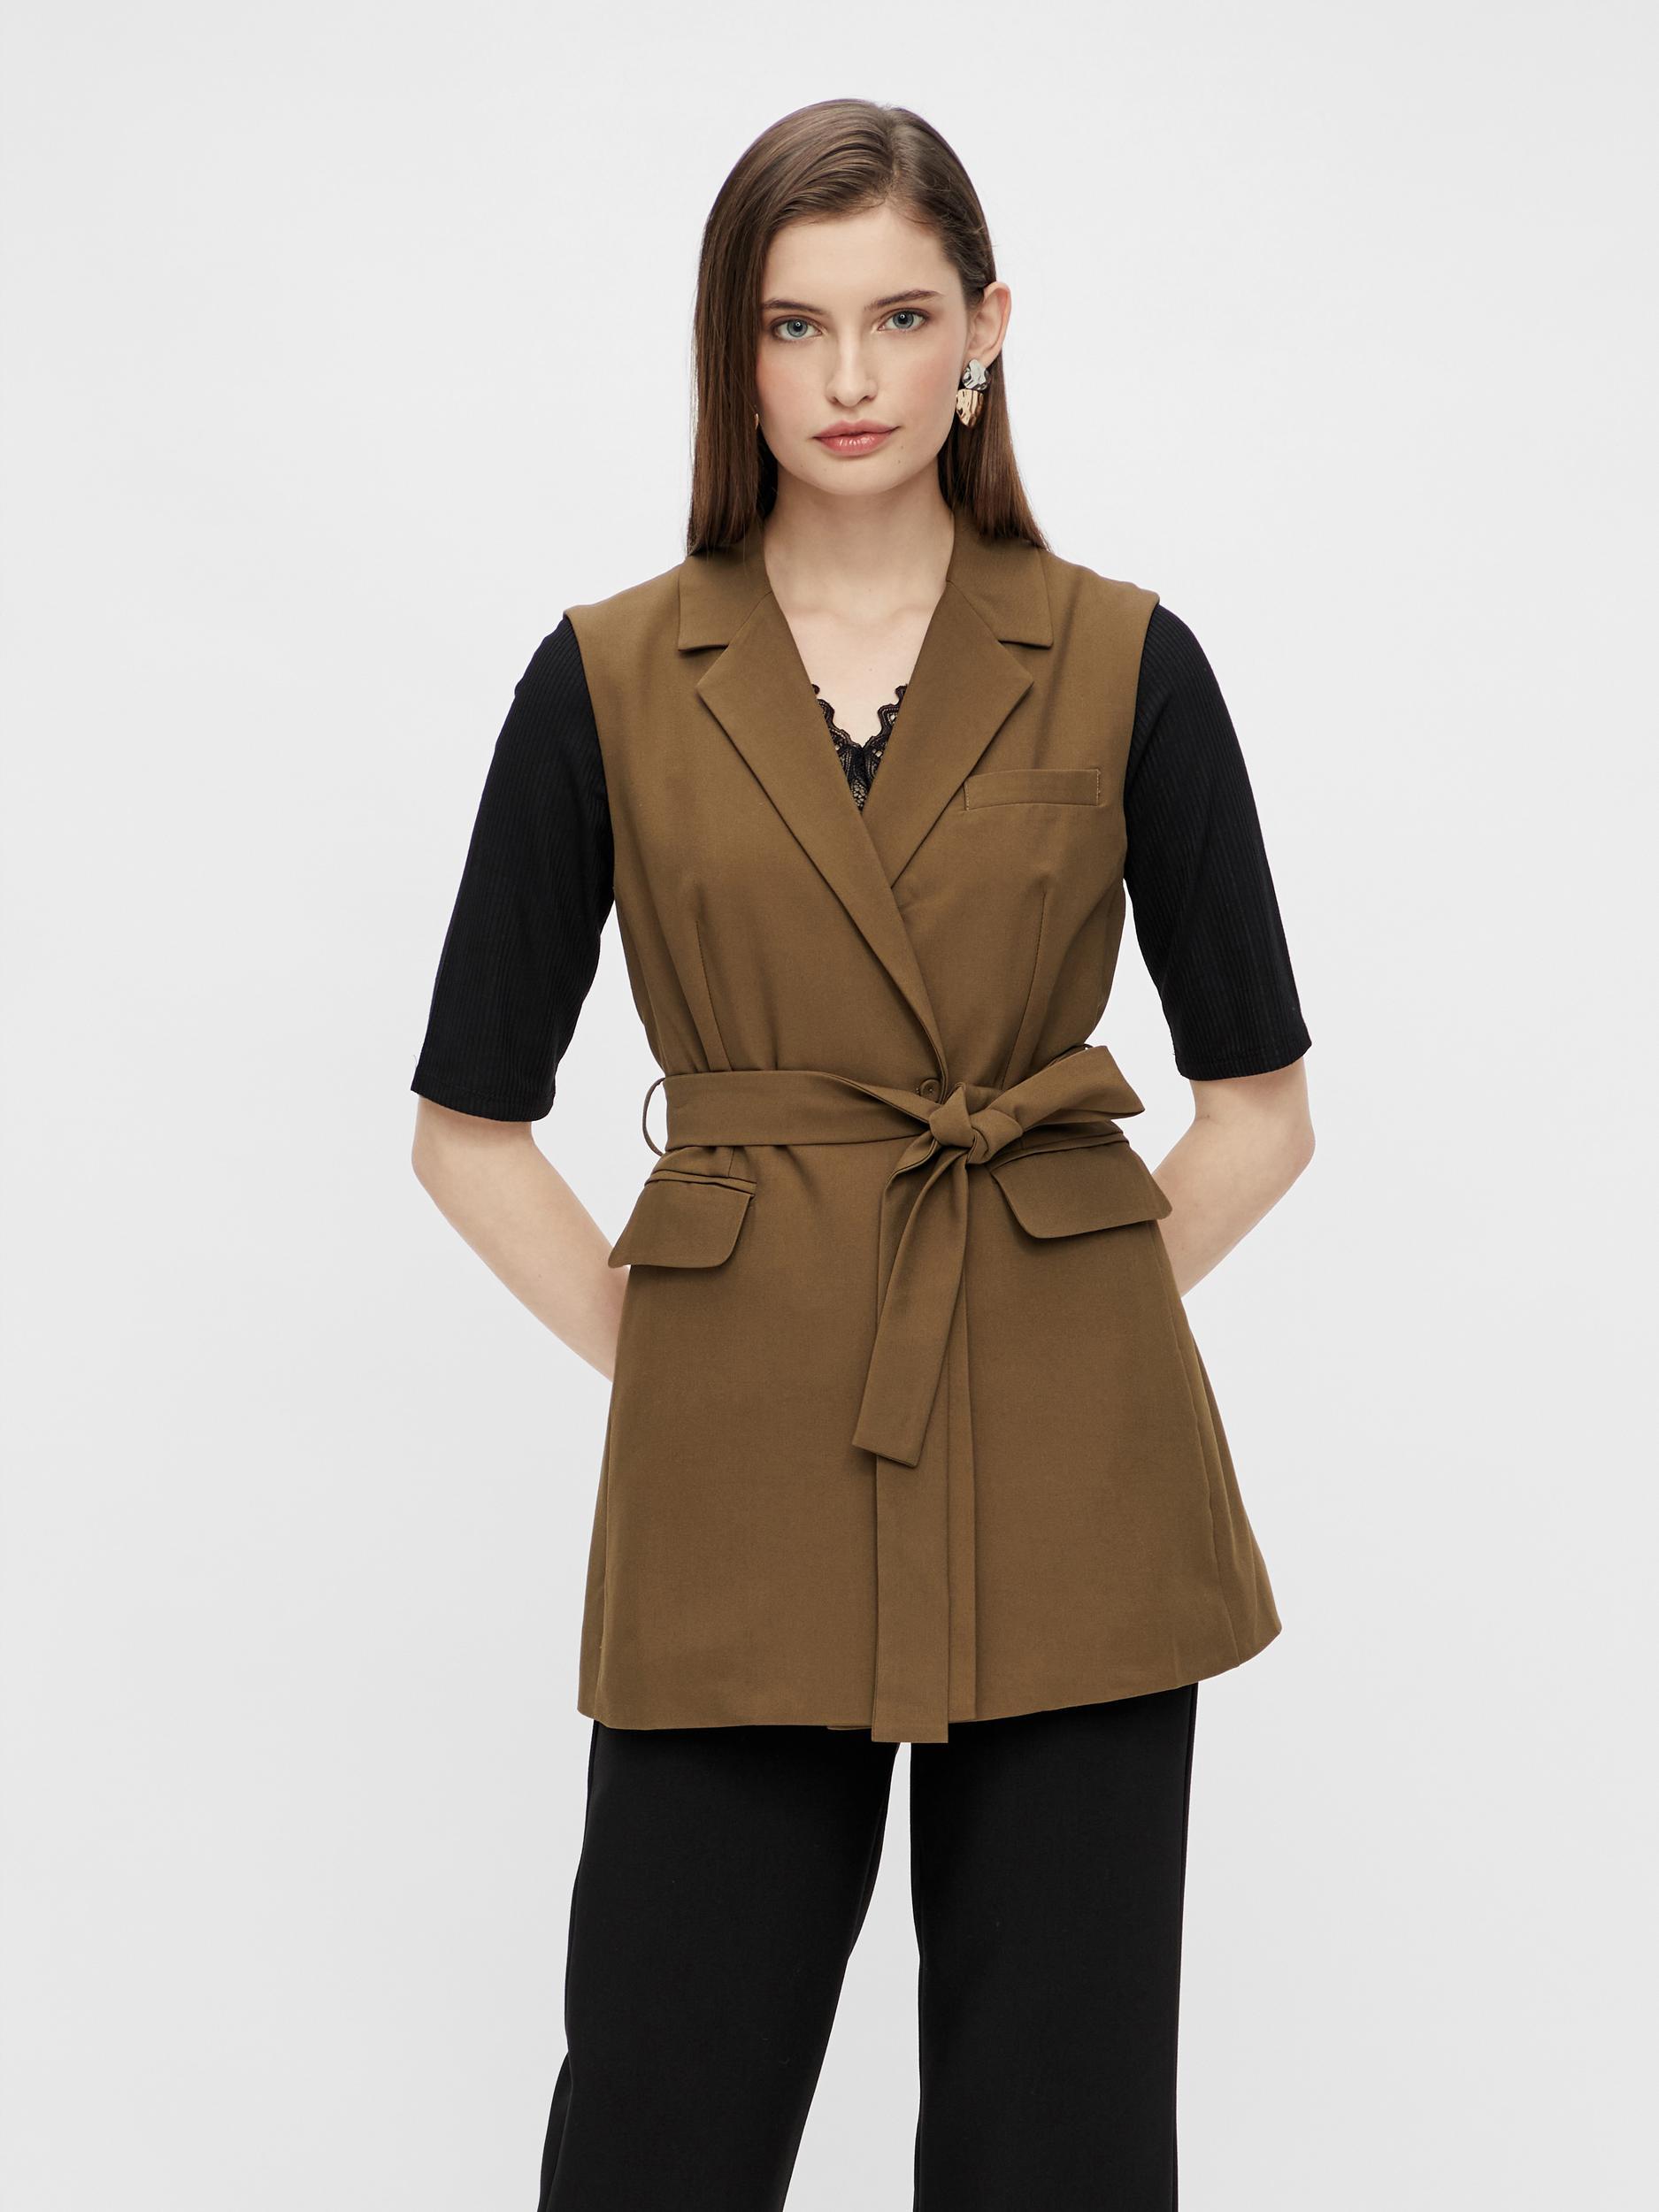 Y.A.S Carla waistcoat, beech, x-large